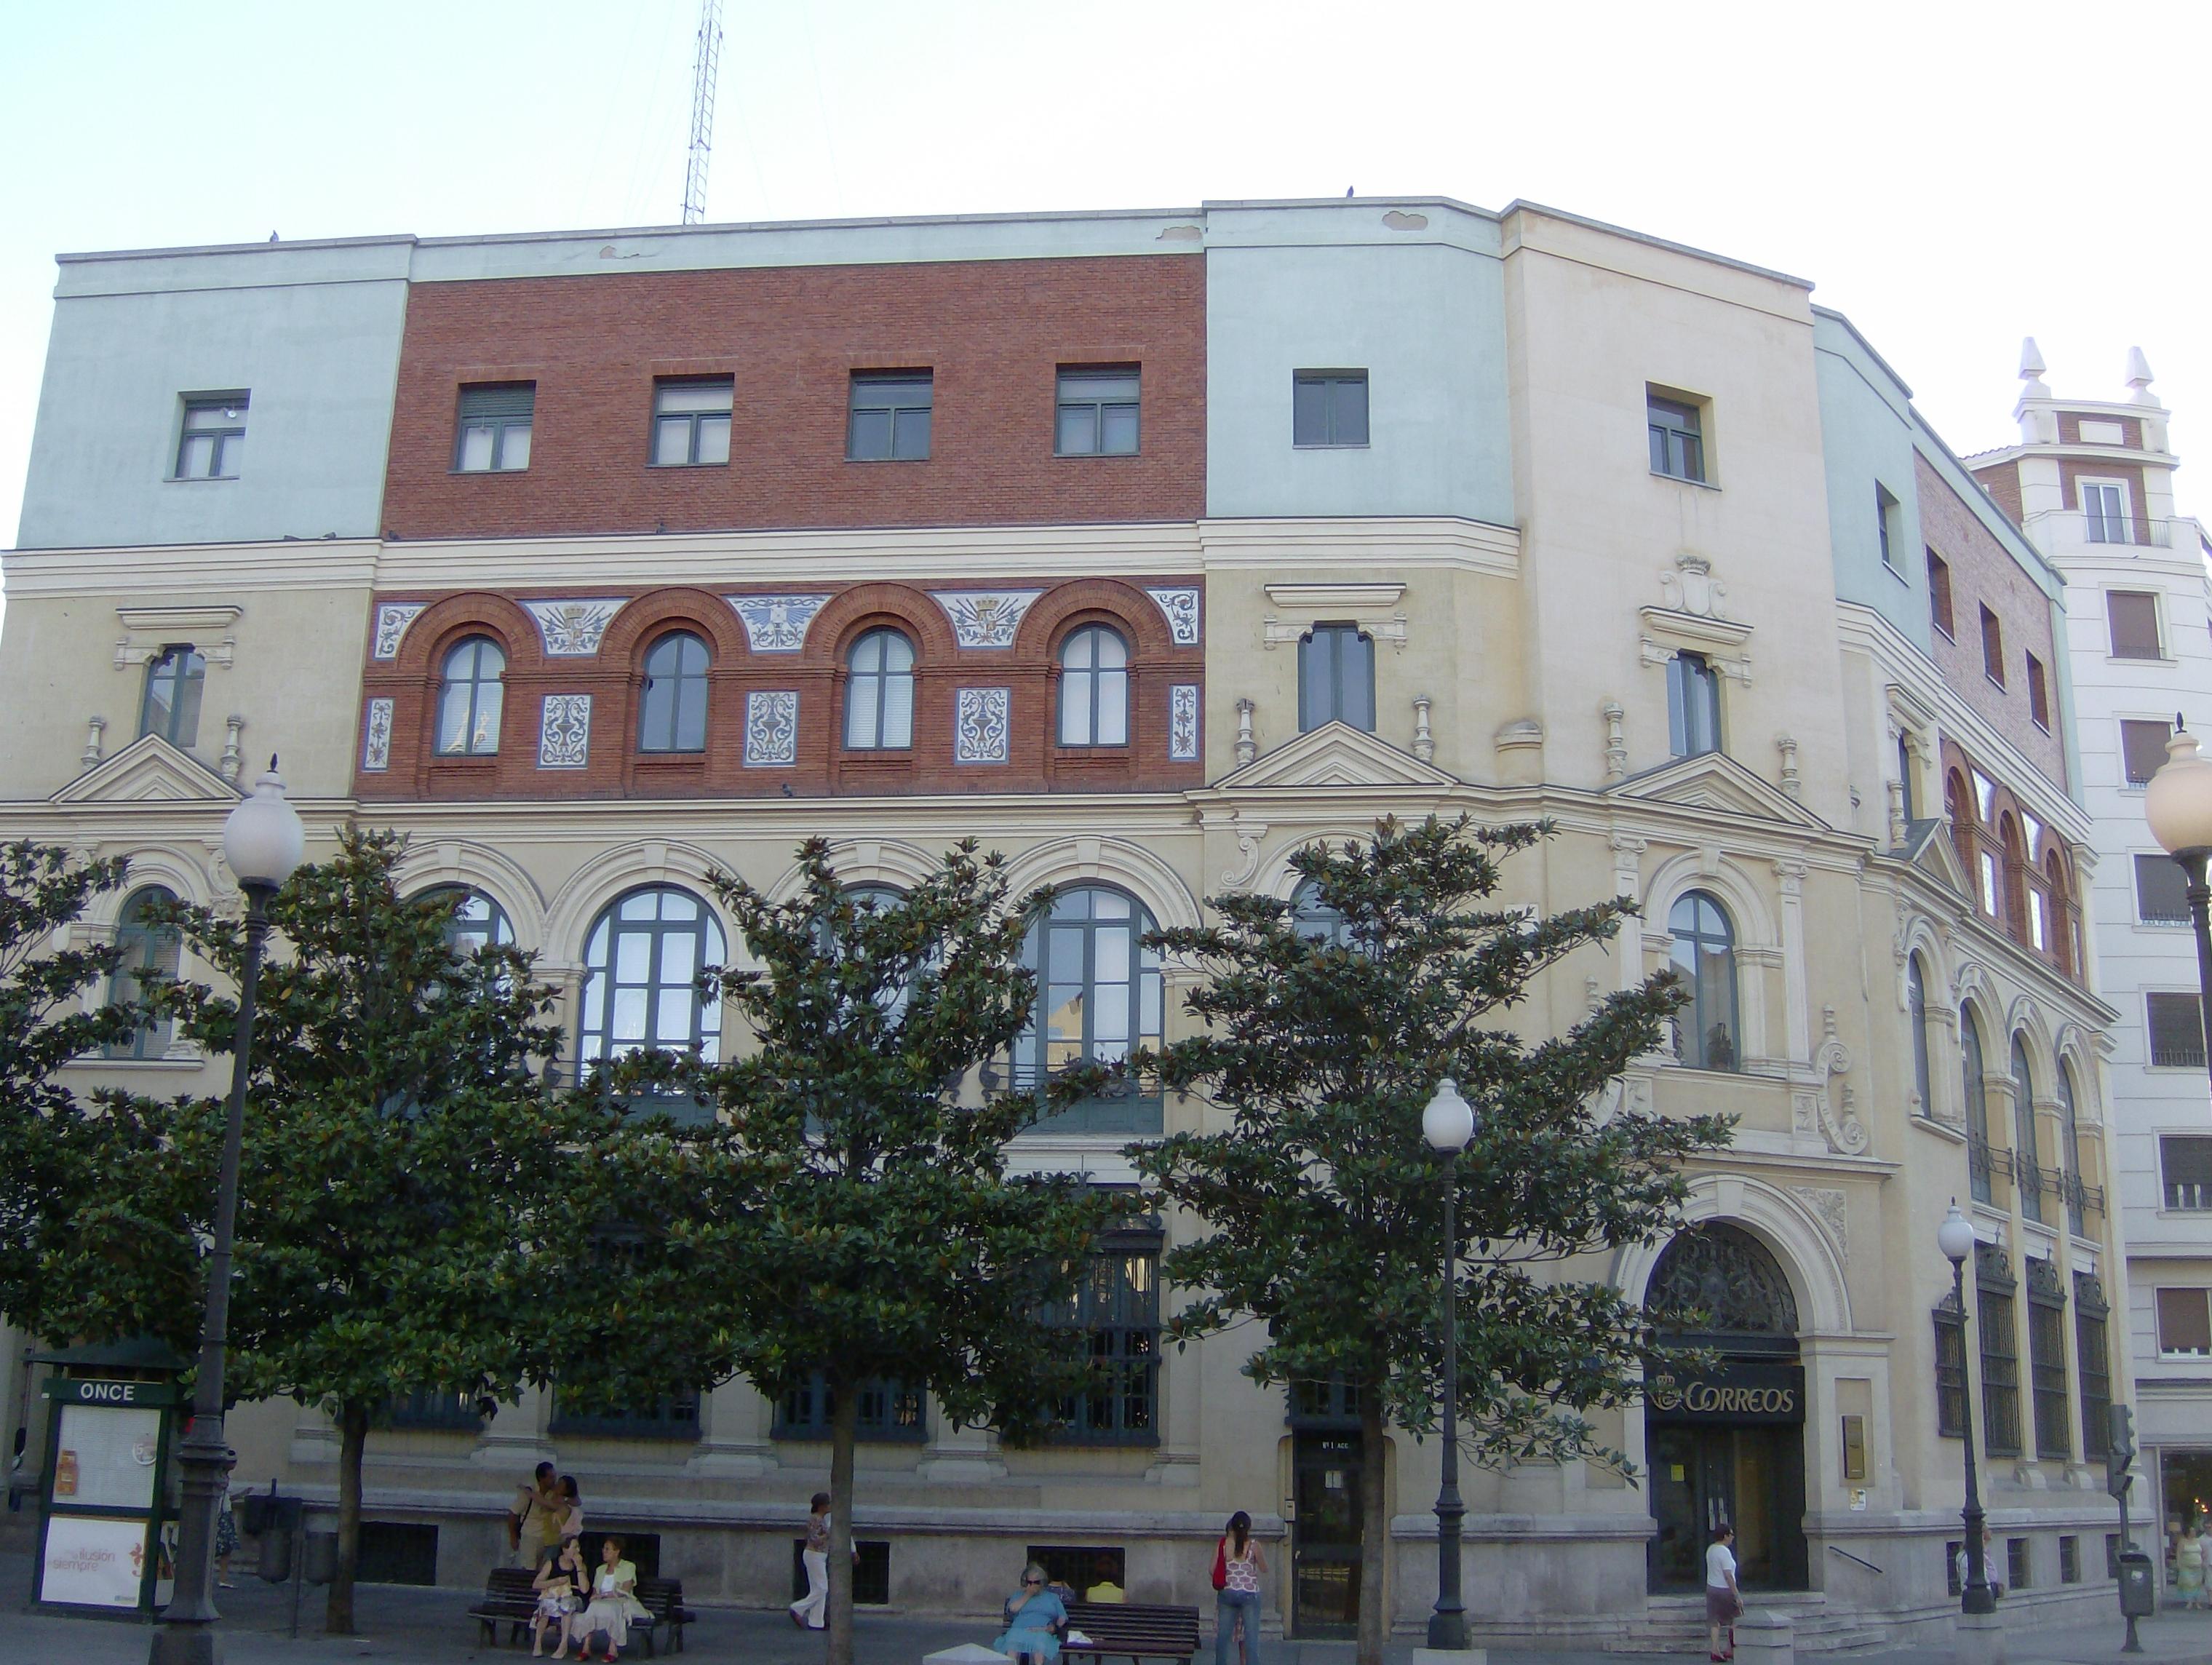 Palacio de correos y tel grafos valladolid wikiwand for Oficina de correos valladolid